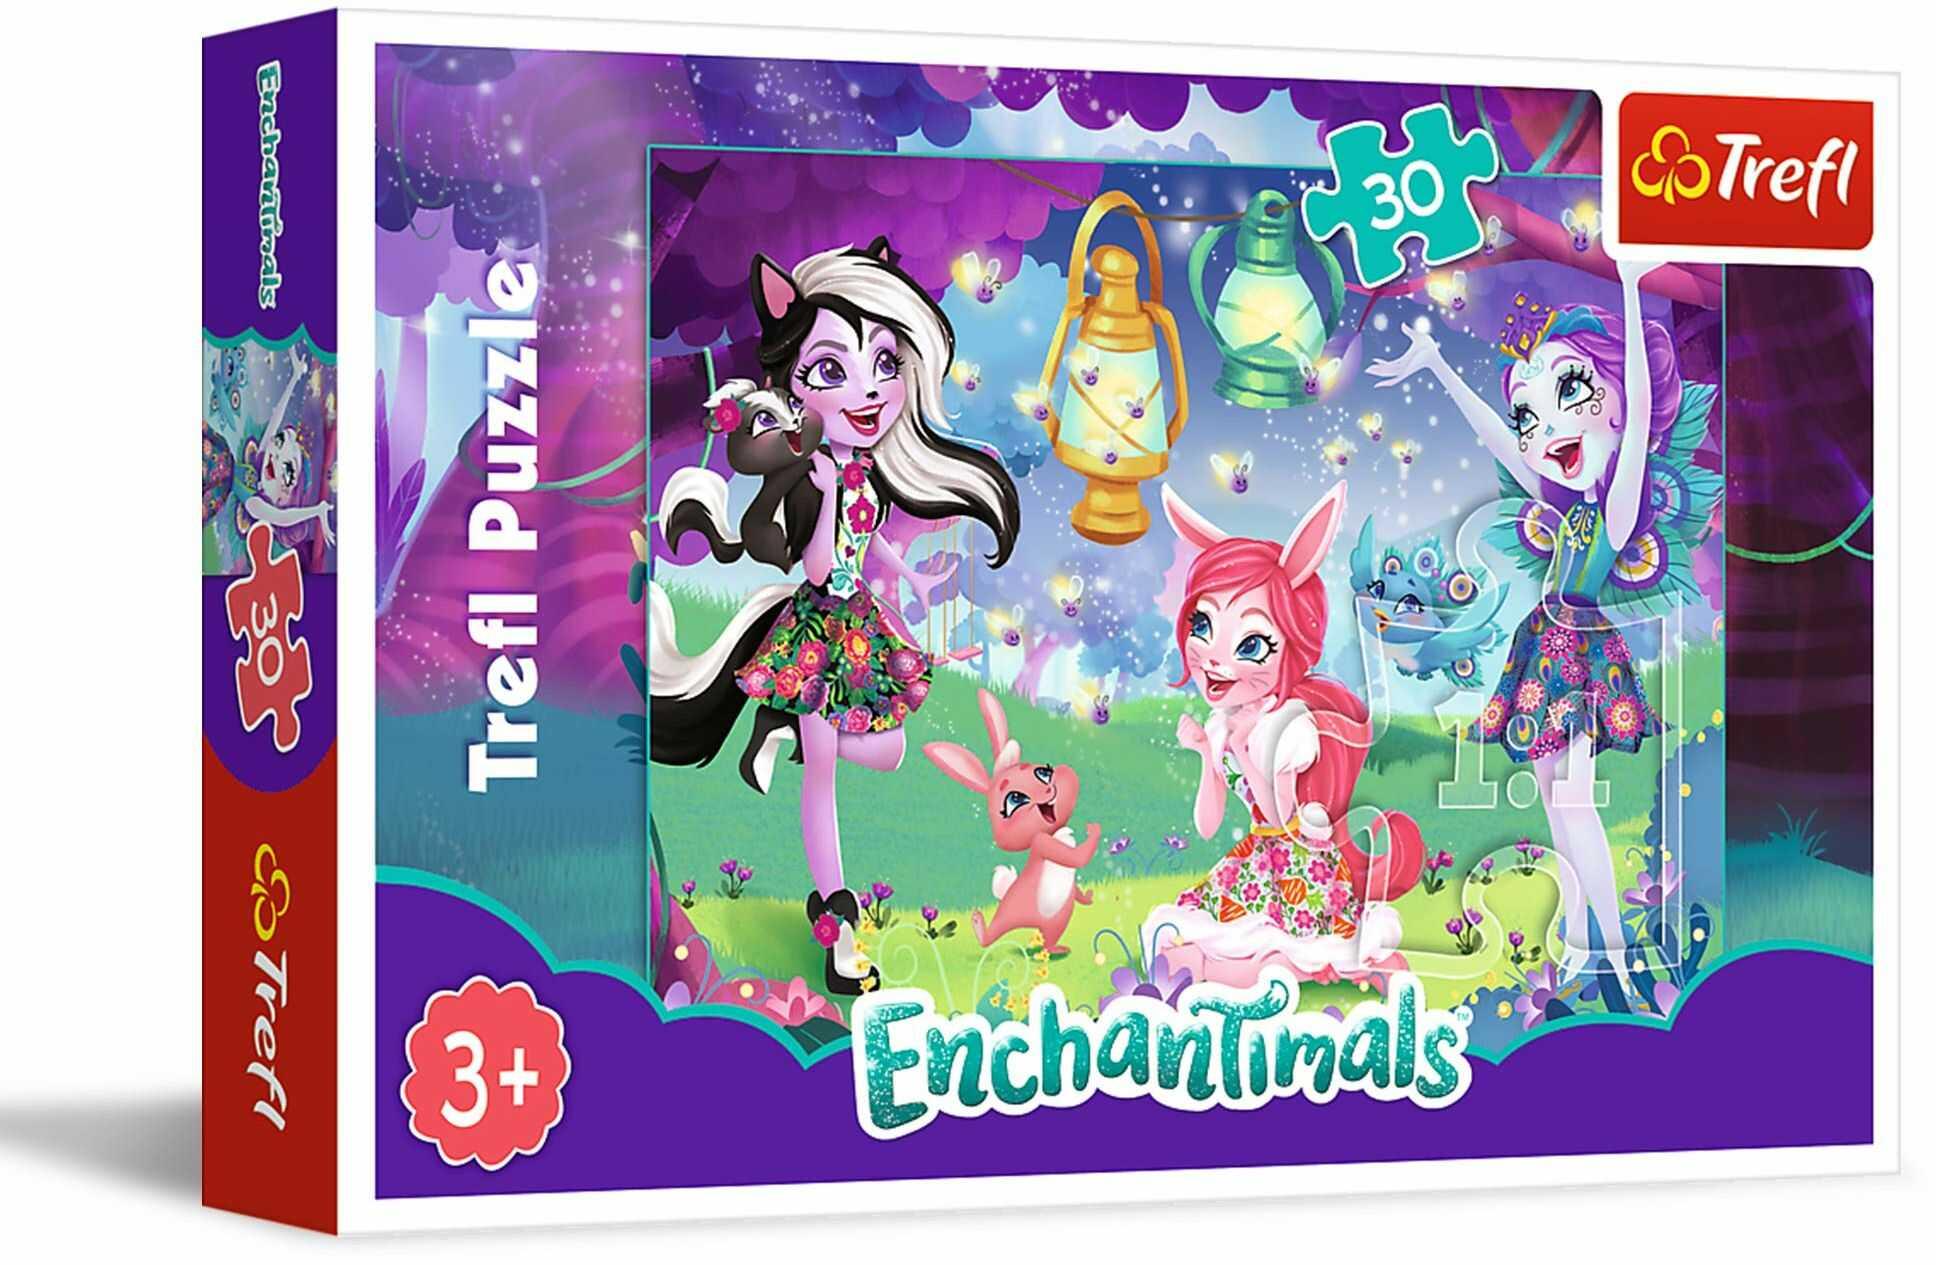 Trefl Magiczny świat Enchantimals Puzzle 30 Elementów o Wysokiej Jakości Nadruku dla Dzieci od 3 lat